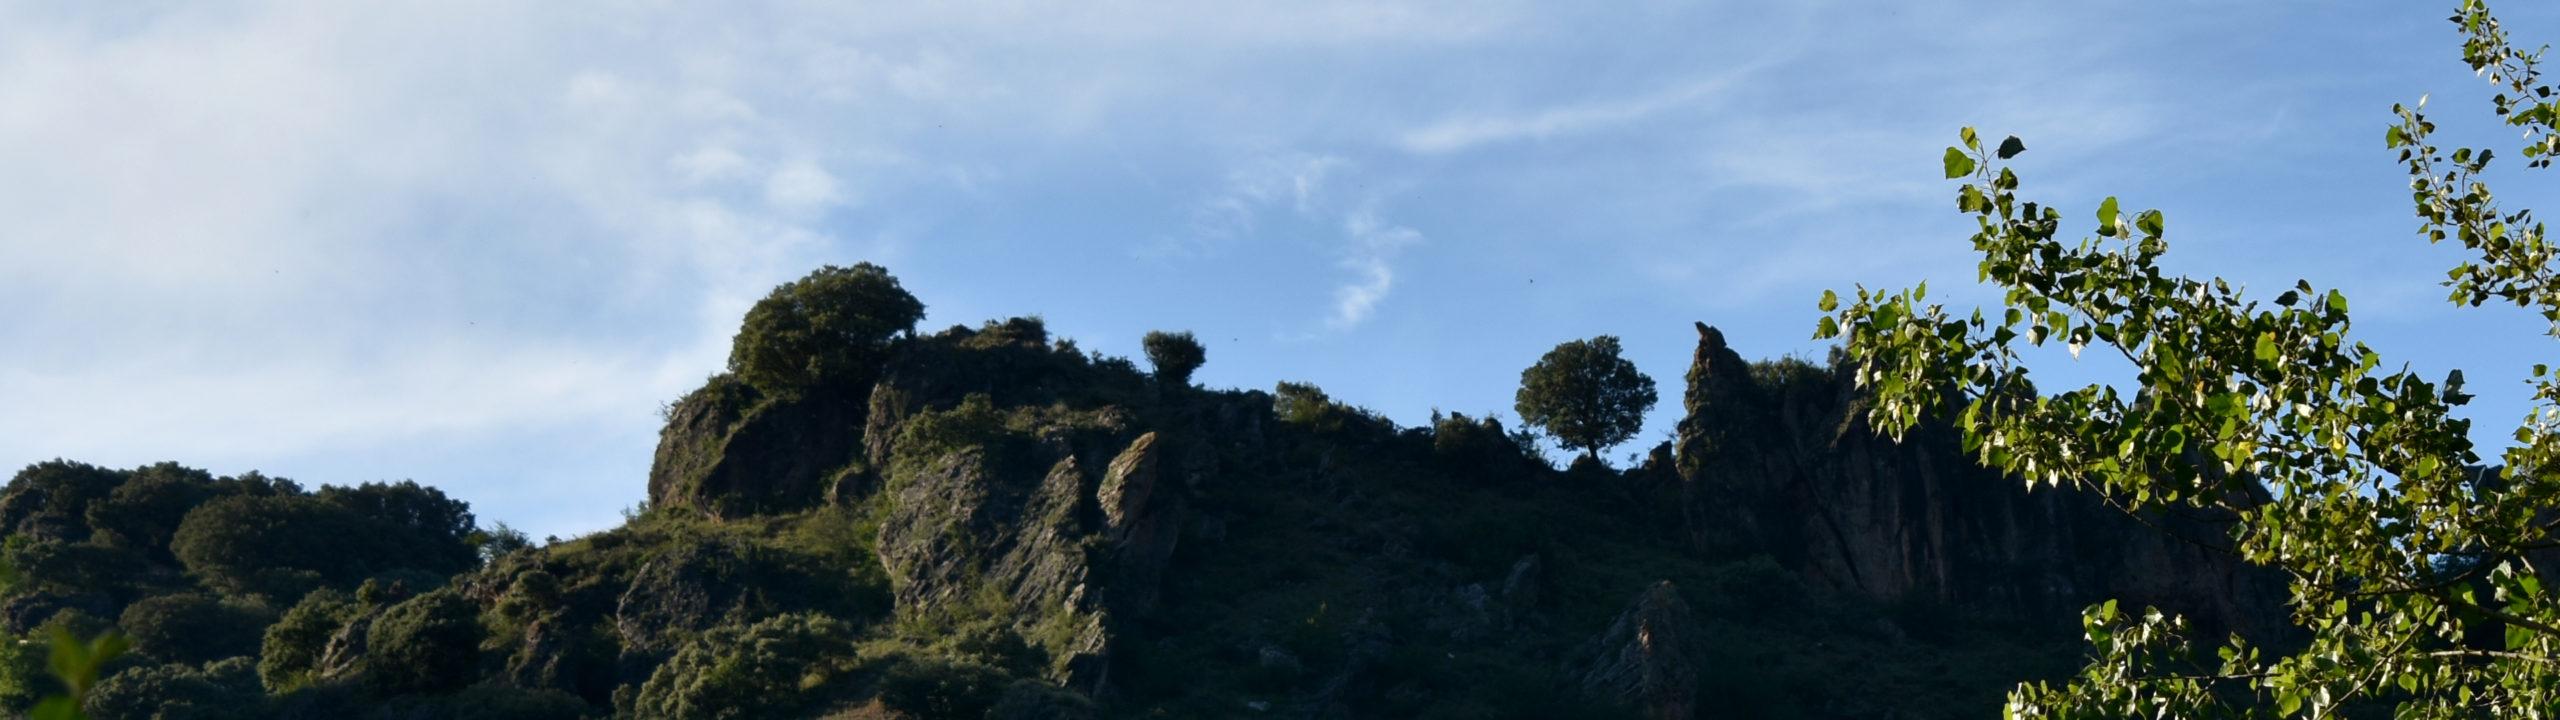 Árboles en el monte / Trees on the hill